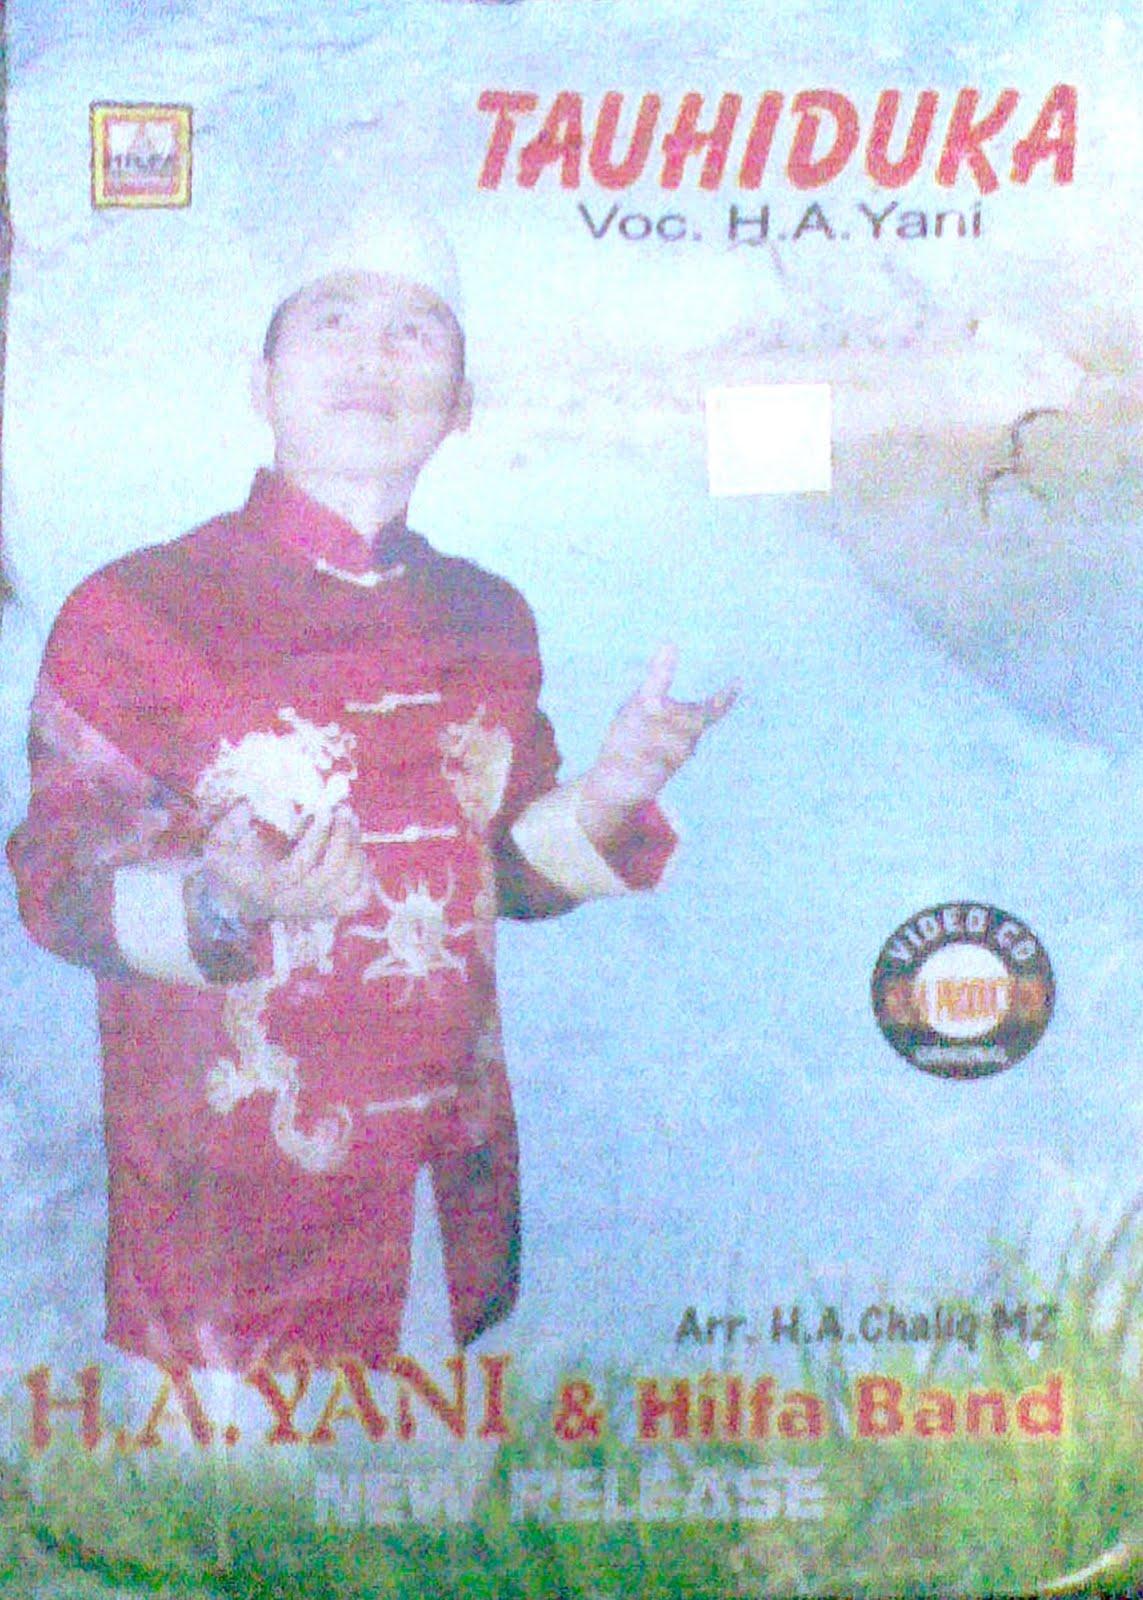 Album Tauhiduka - Muhabbatain (A. Yani)